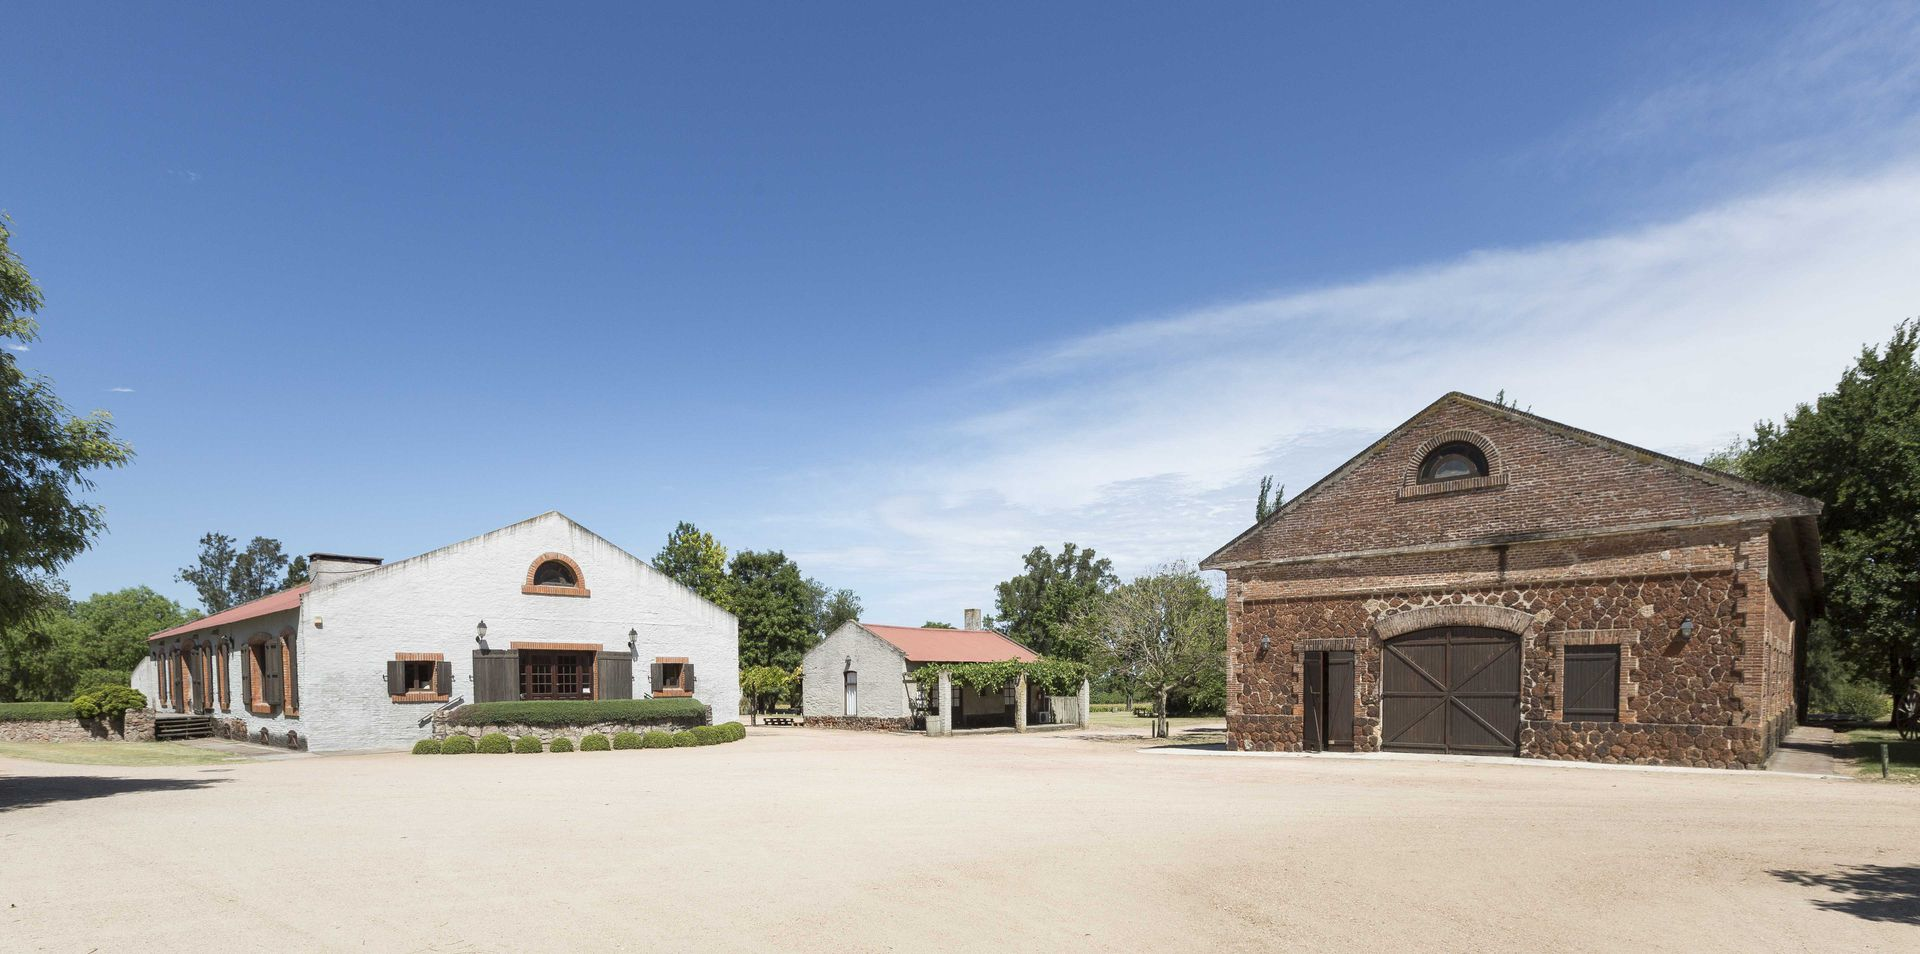 Vista actual de las instalaciones de la bodega que funciona dentro de una estancia que en el siglo XVIII albergó a una comunidad jesuita